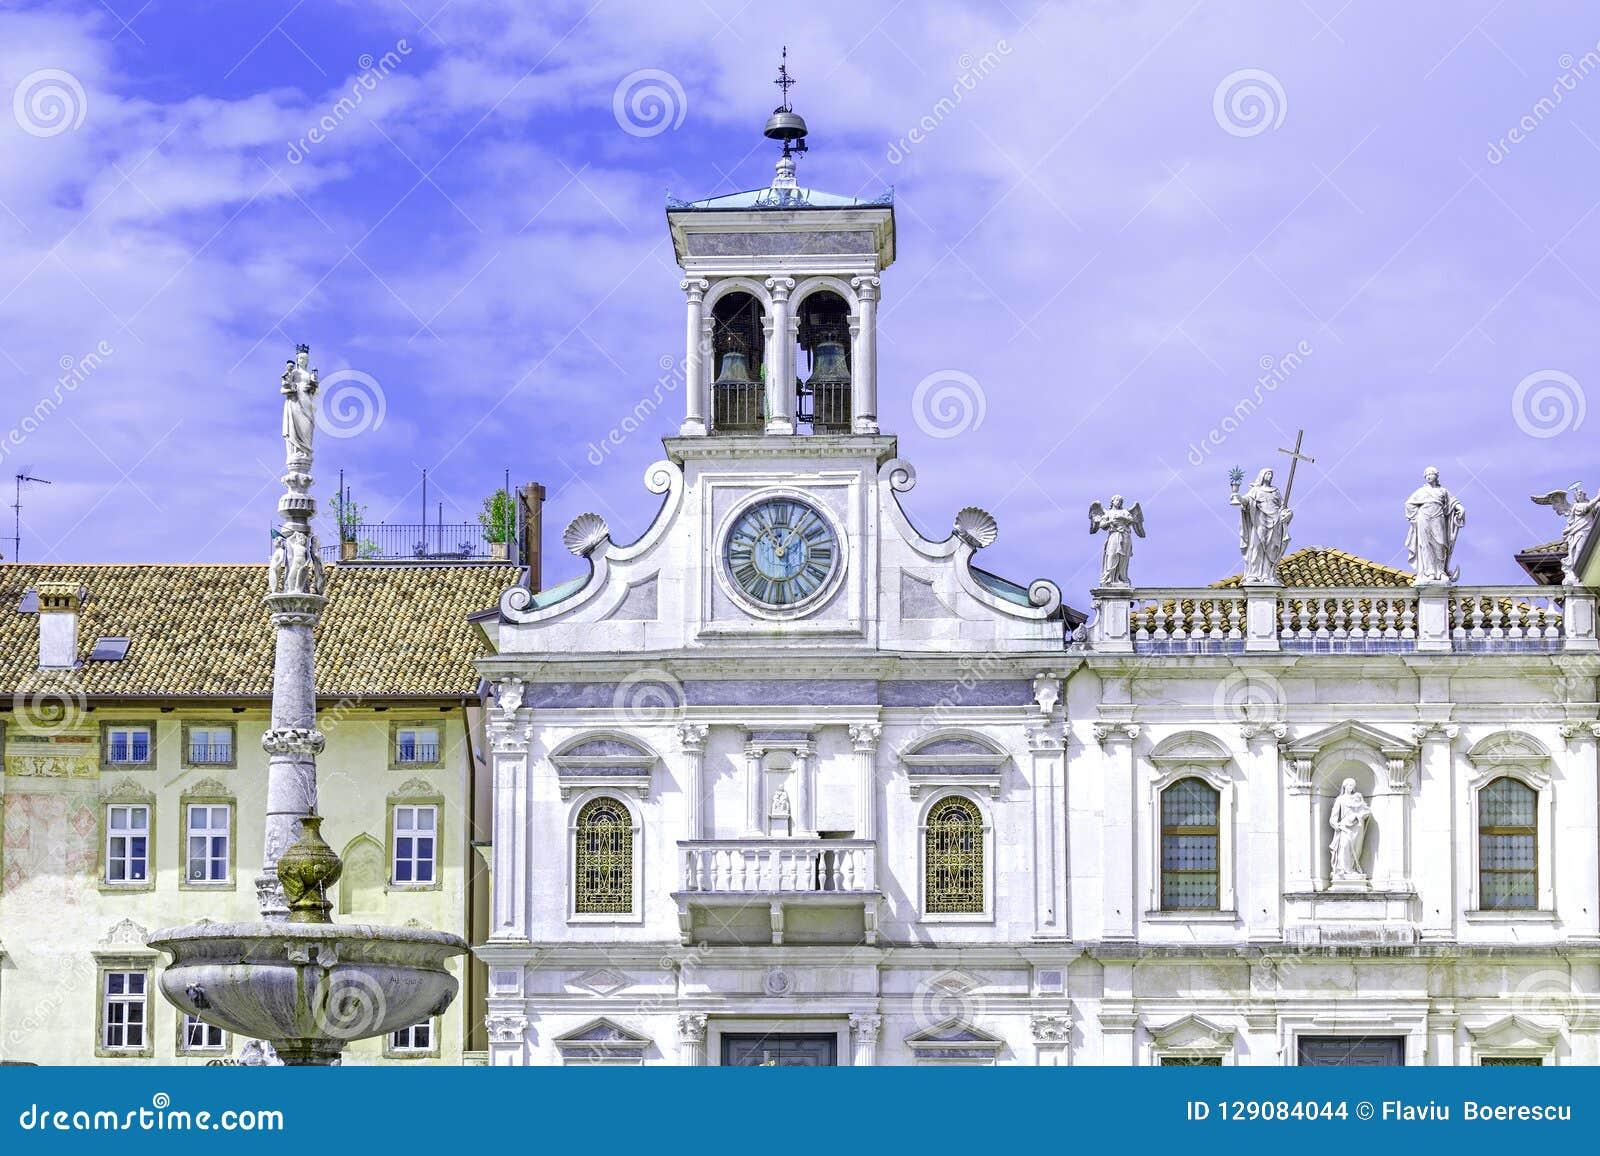 Italy Udine